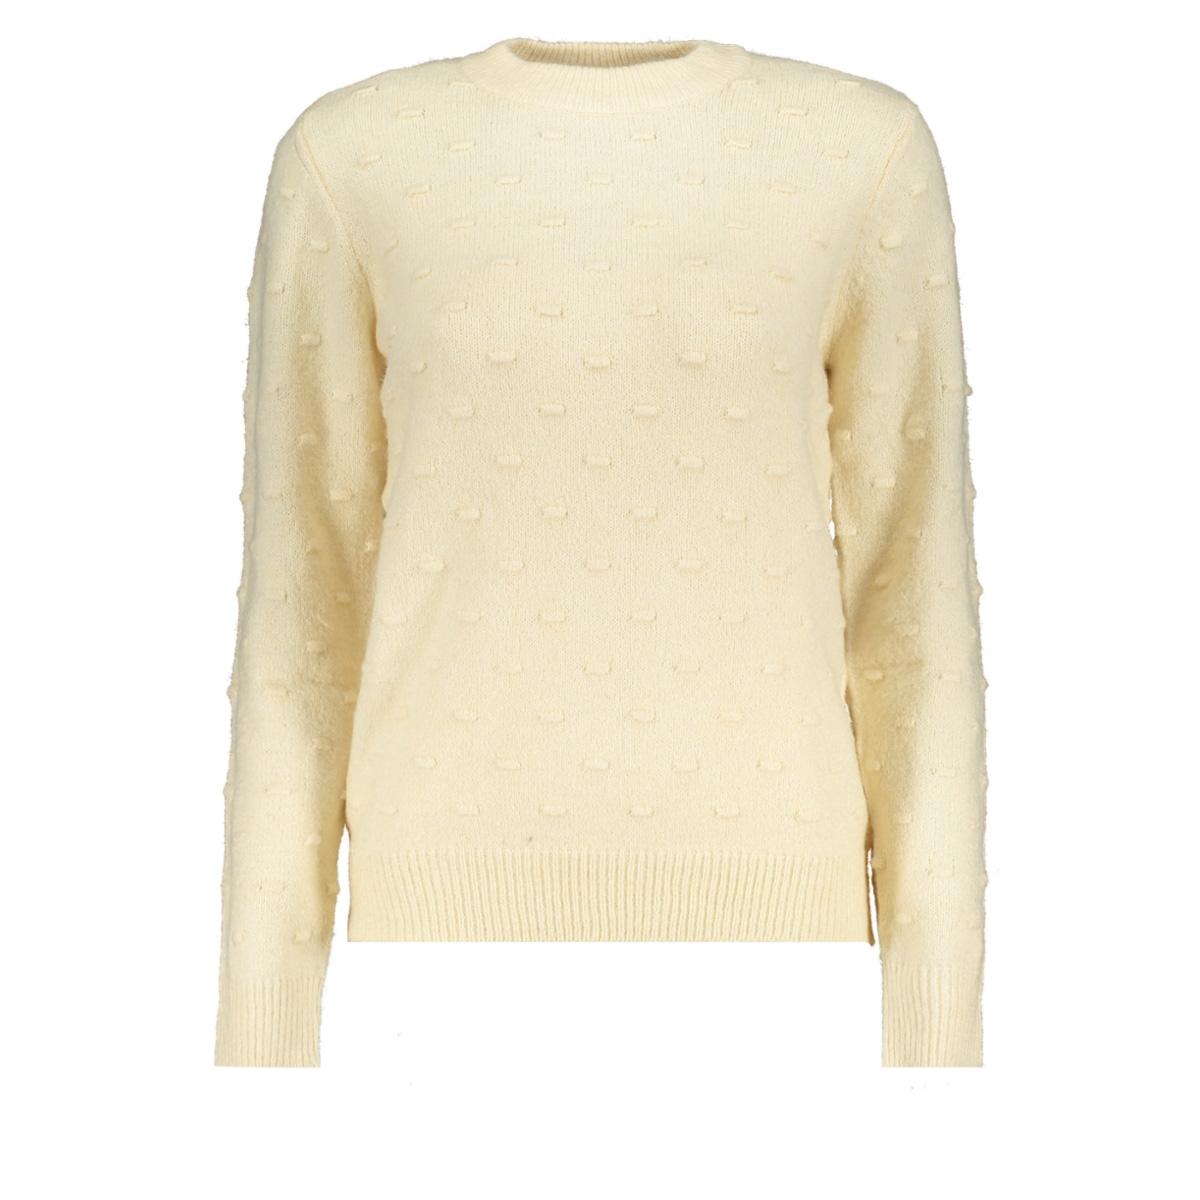 jdydotta l/s pullover knt 15163599 jacqueline de yong trui eggnog/melange